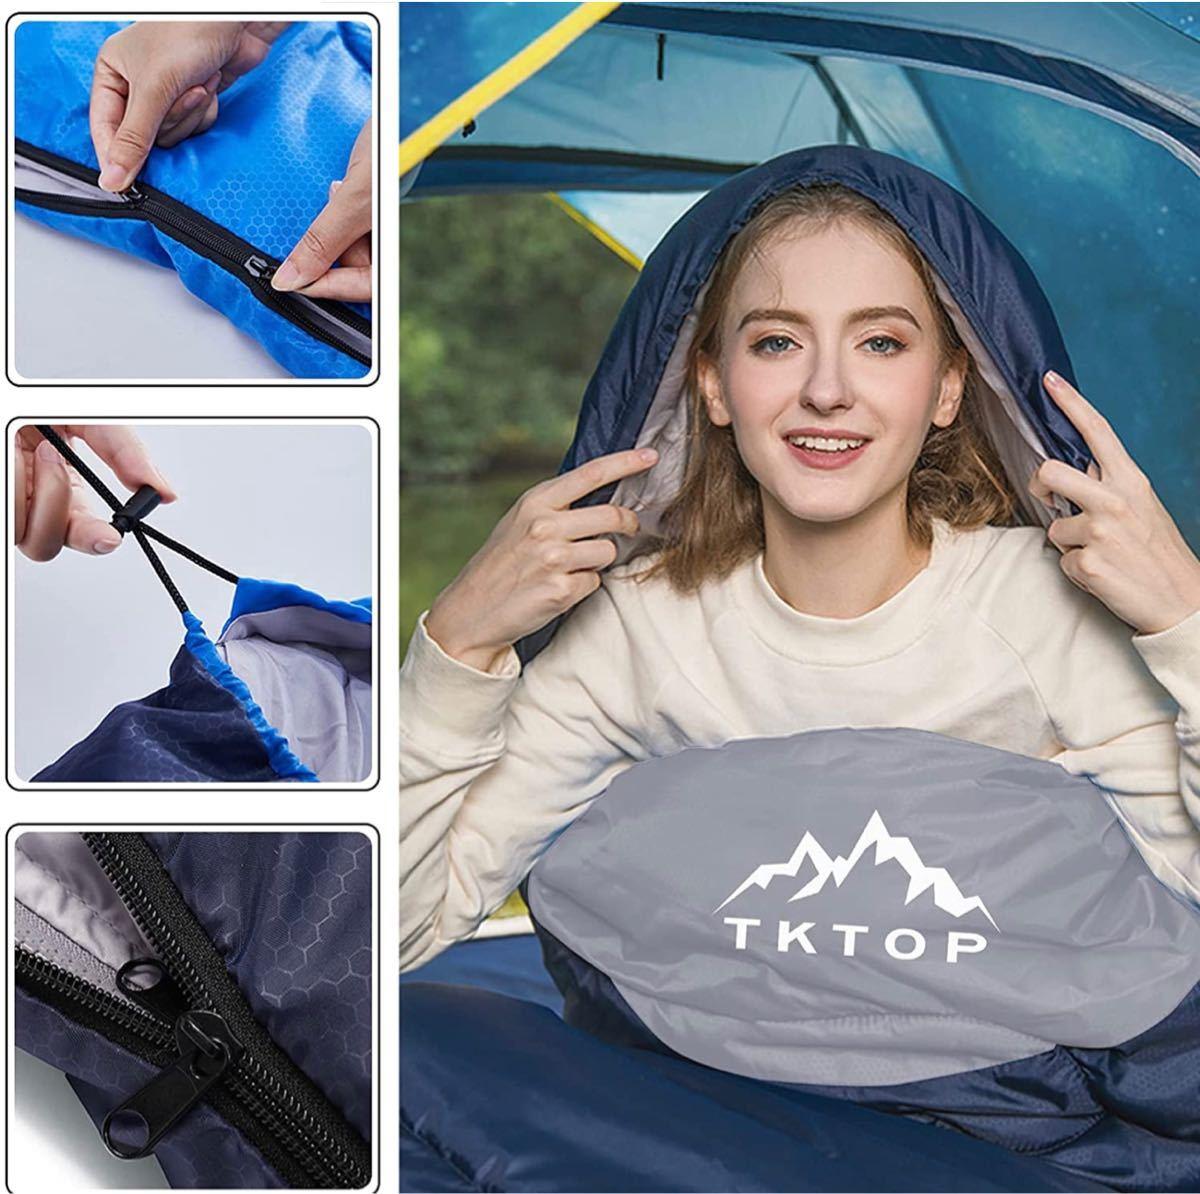 寝袋 封筒型 軽量 保温 210T防水シュラフ アウトドア 登山 車中泊